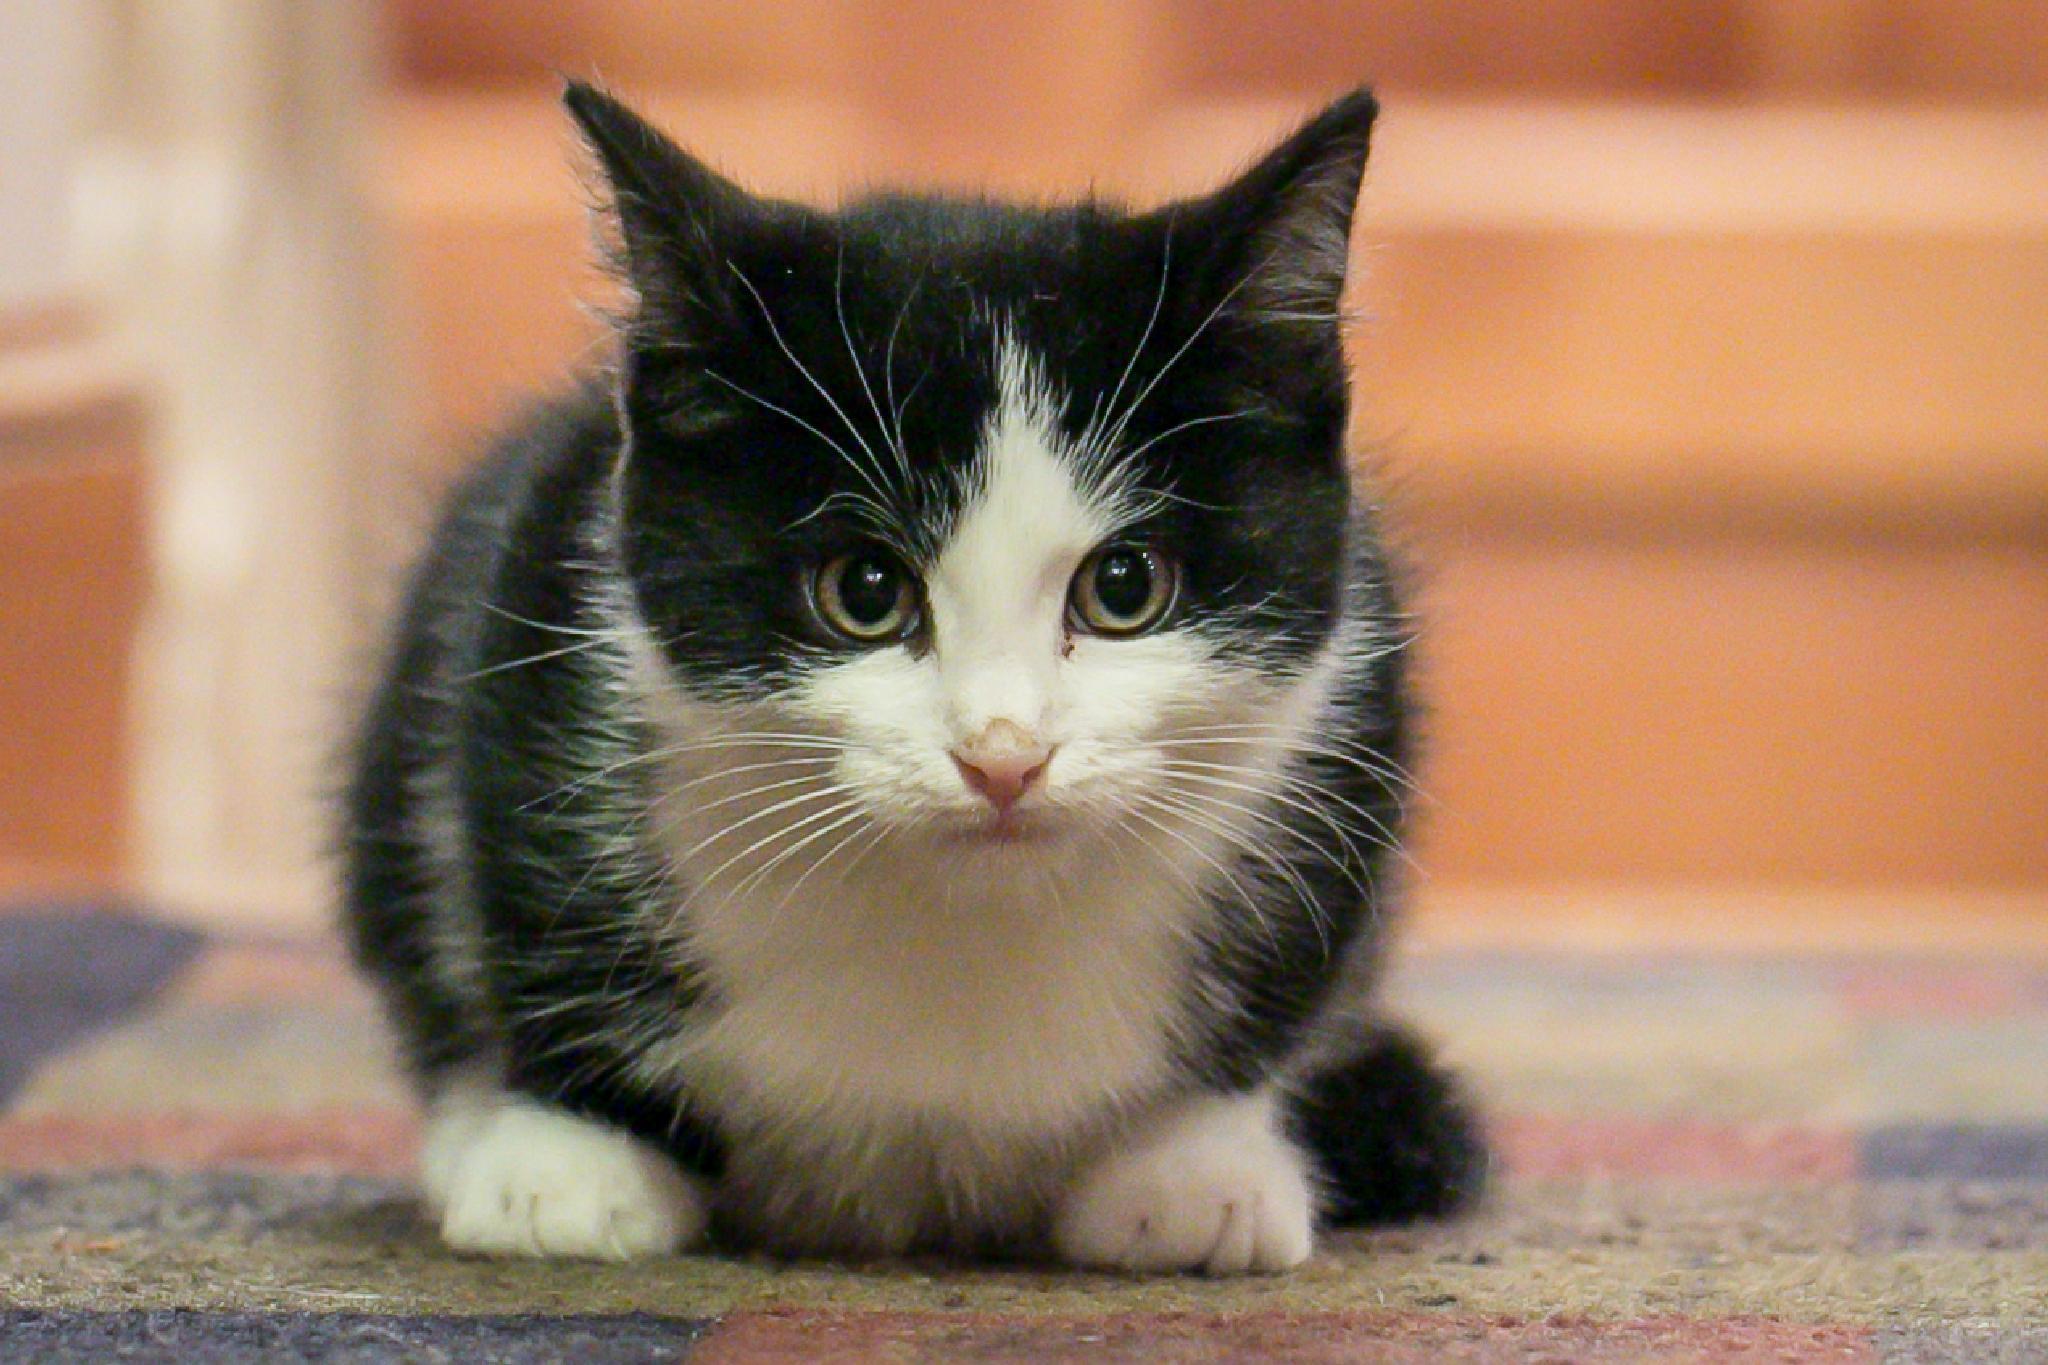 Kitty by Cary Chu